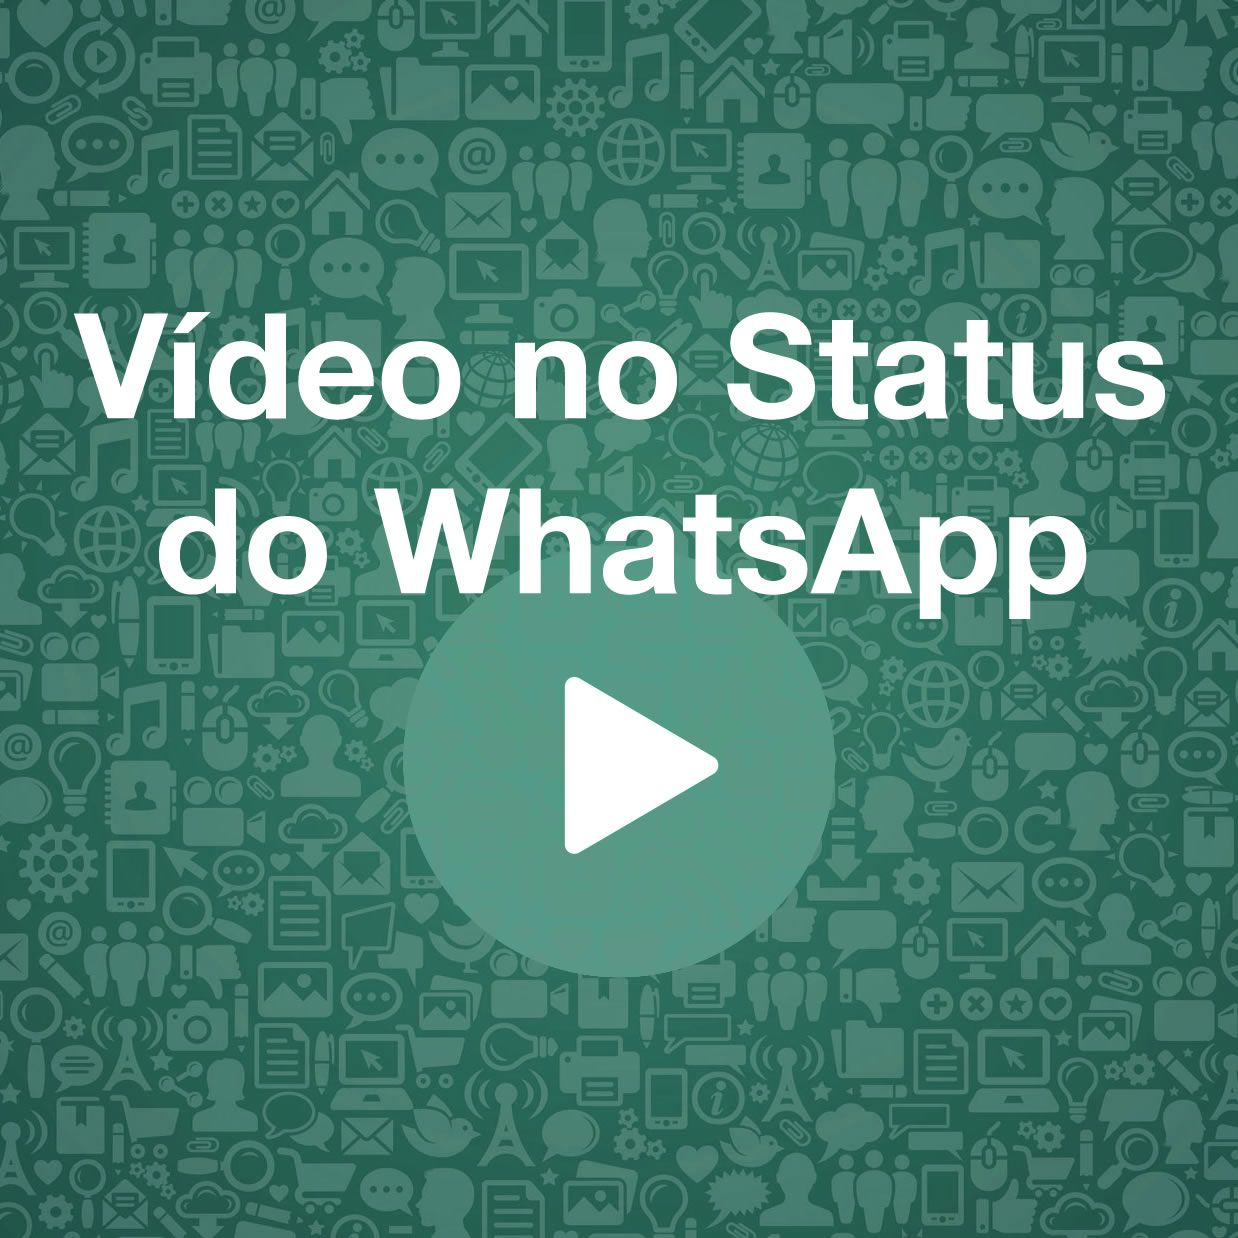 vídeo no status